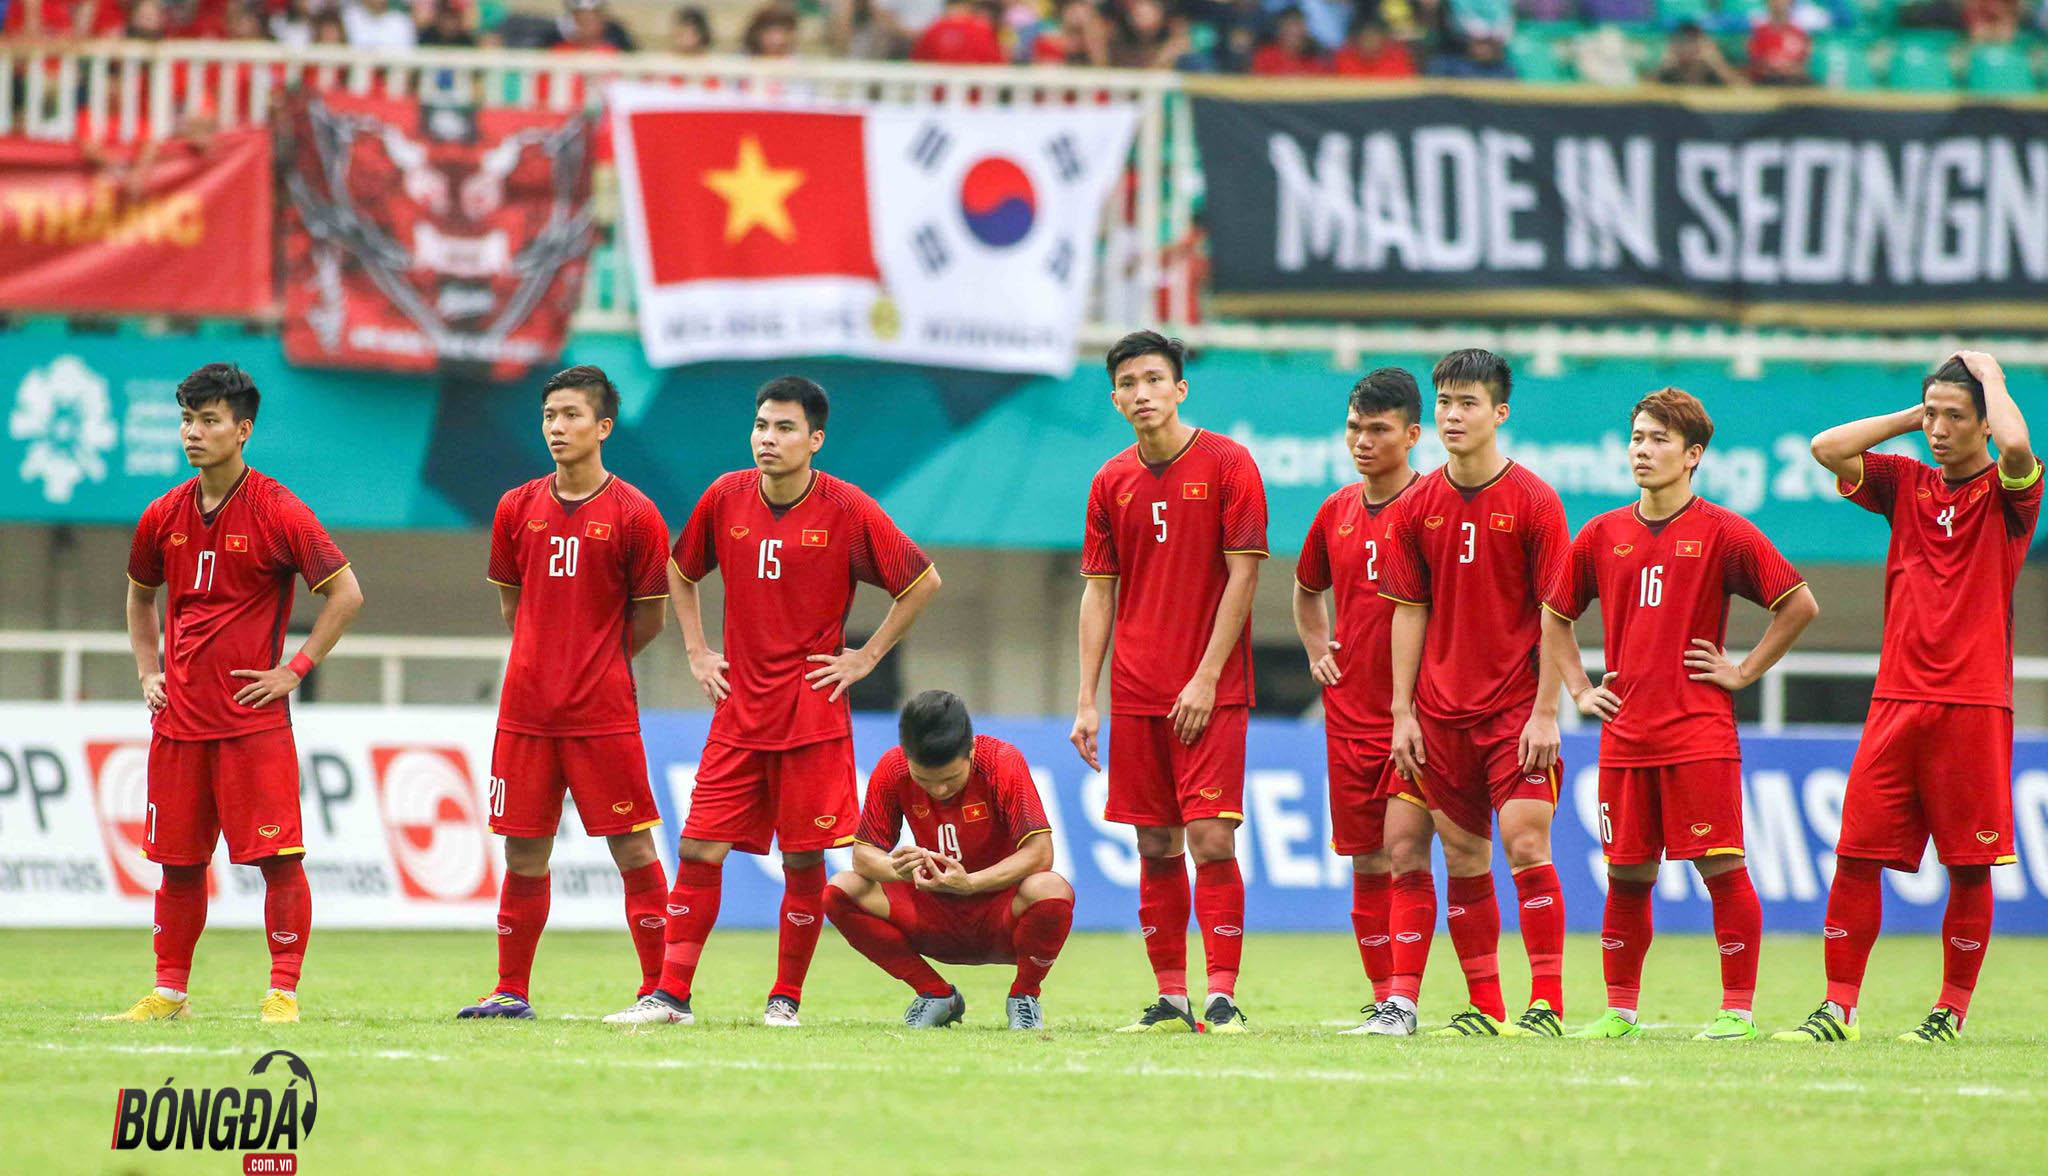 Kỷ niệm khó quên của U23 Việt Nam tại ASIAD 2018 - Bóng Đá